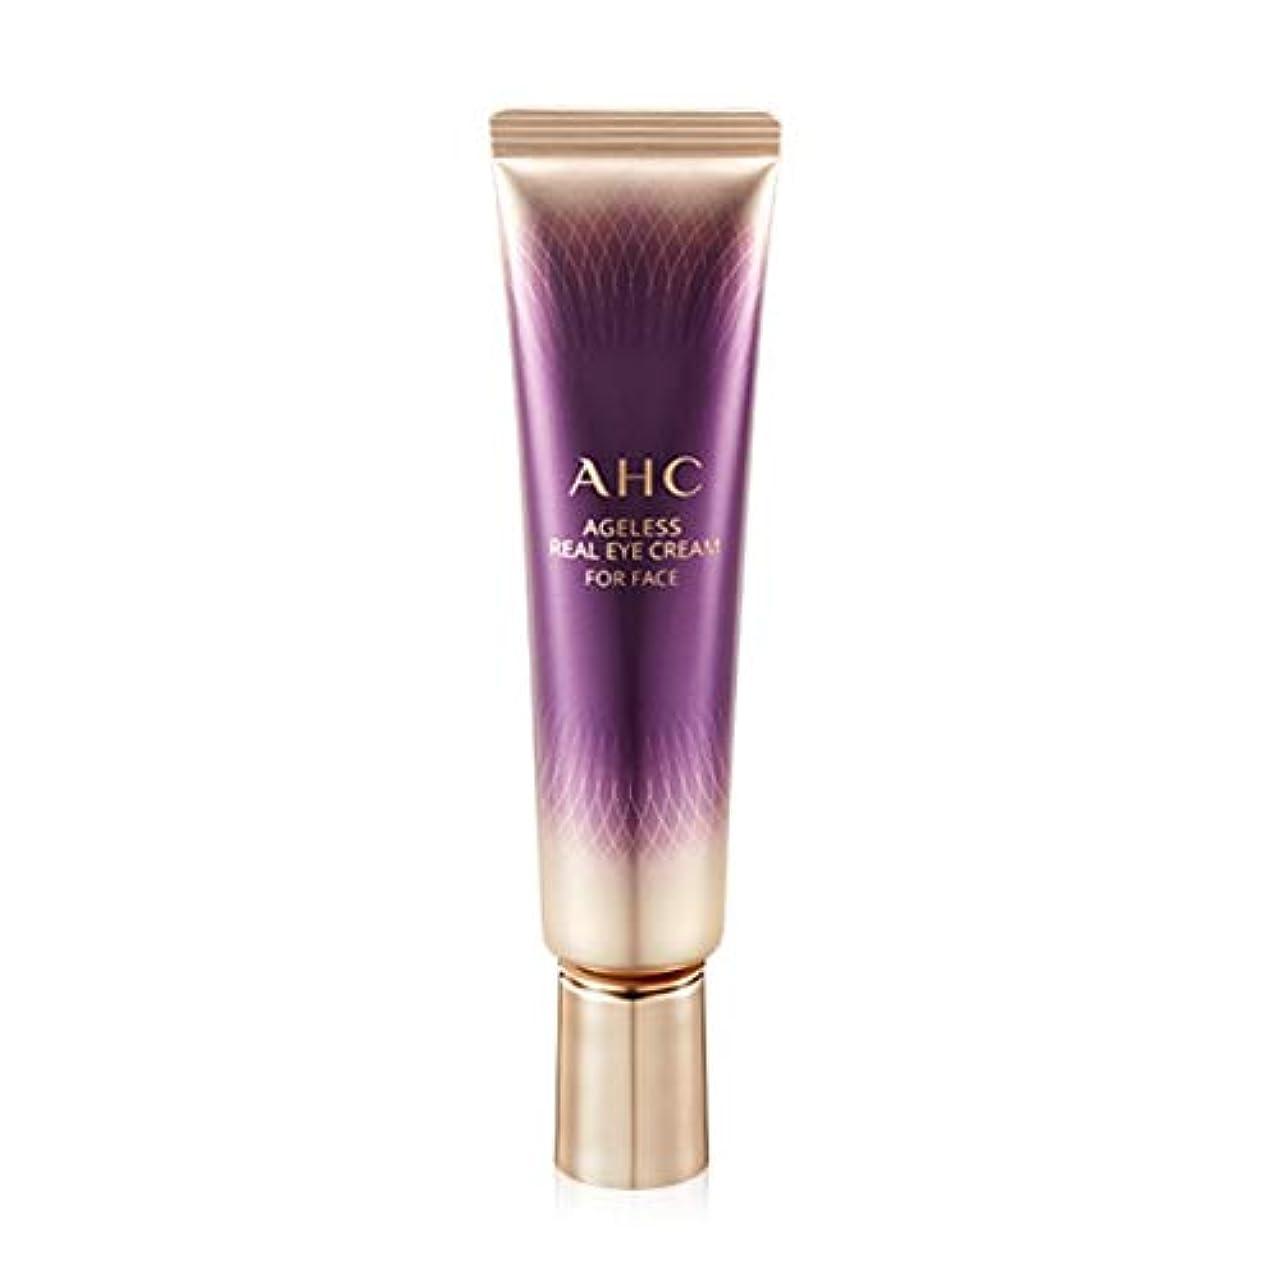 スパイラル染色褐色[New] AHC Ageless Real Eye Cream For Face Season 7 30ml / AHC エイジレス リアル アイクリーム フォーフェイス 30ml [並行輸入品]